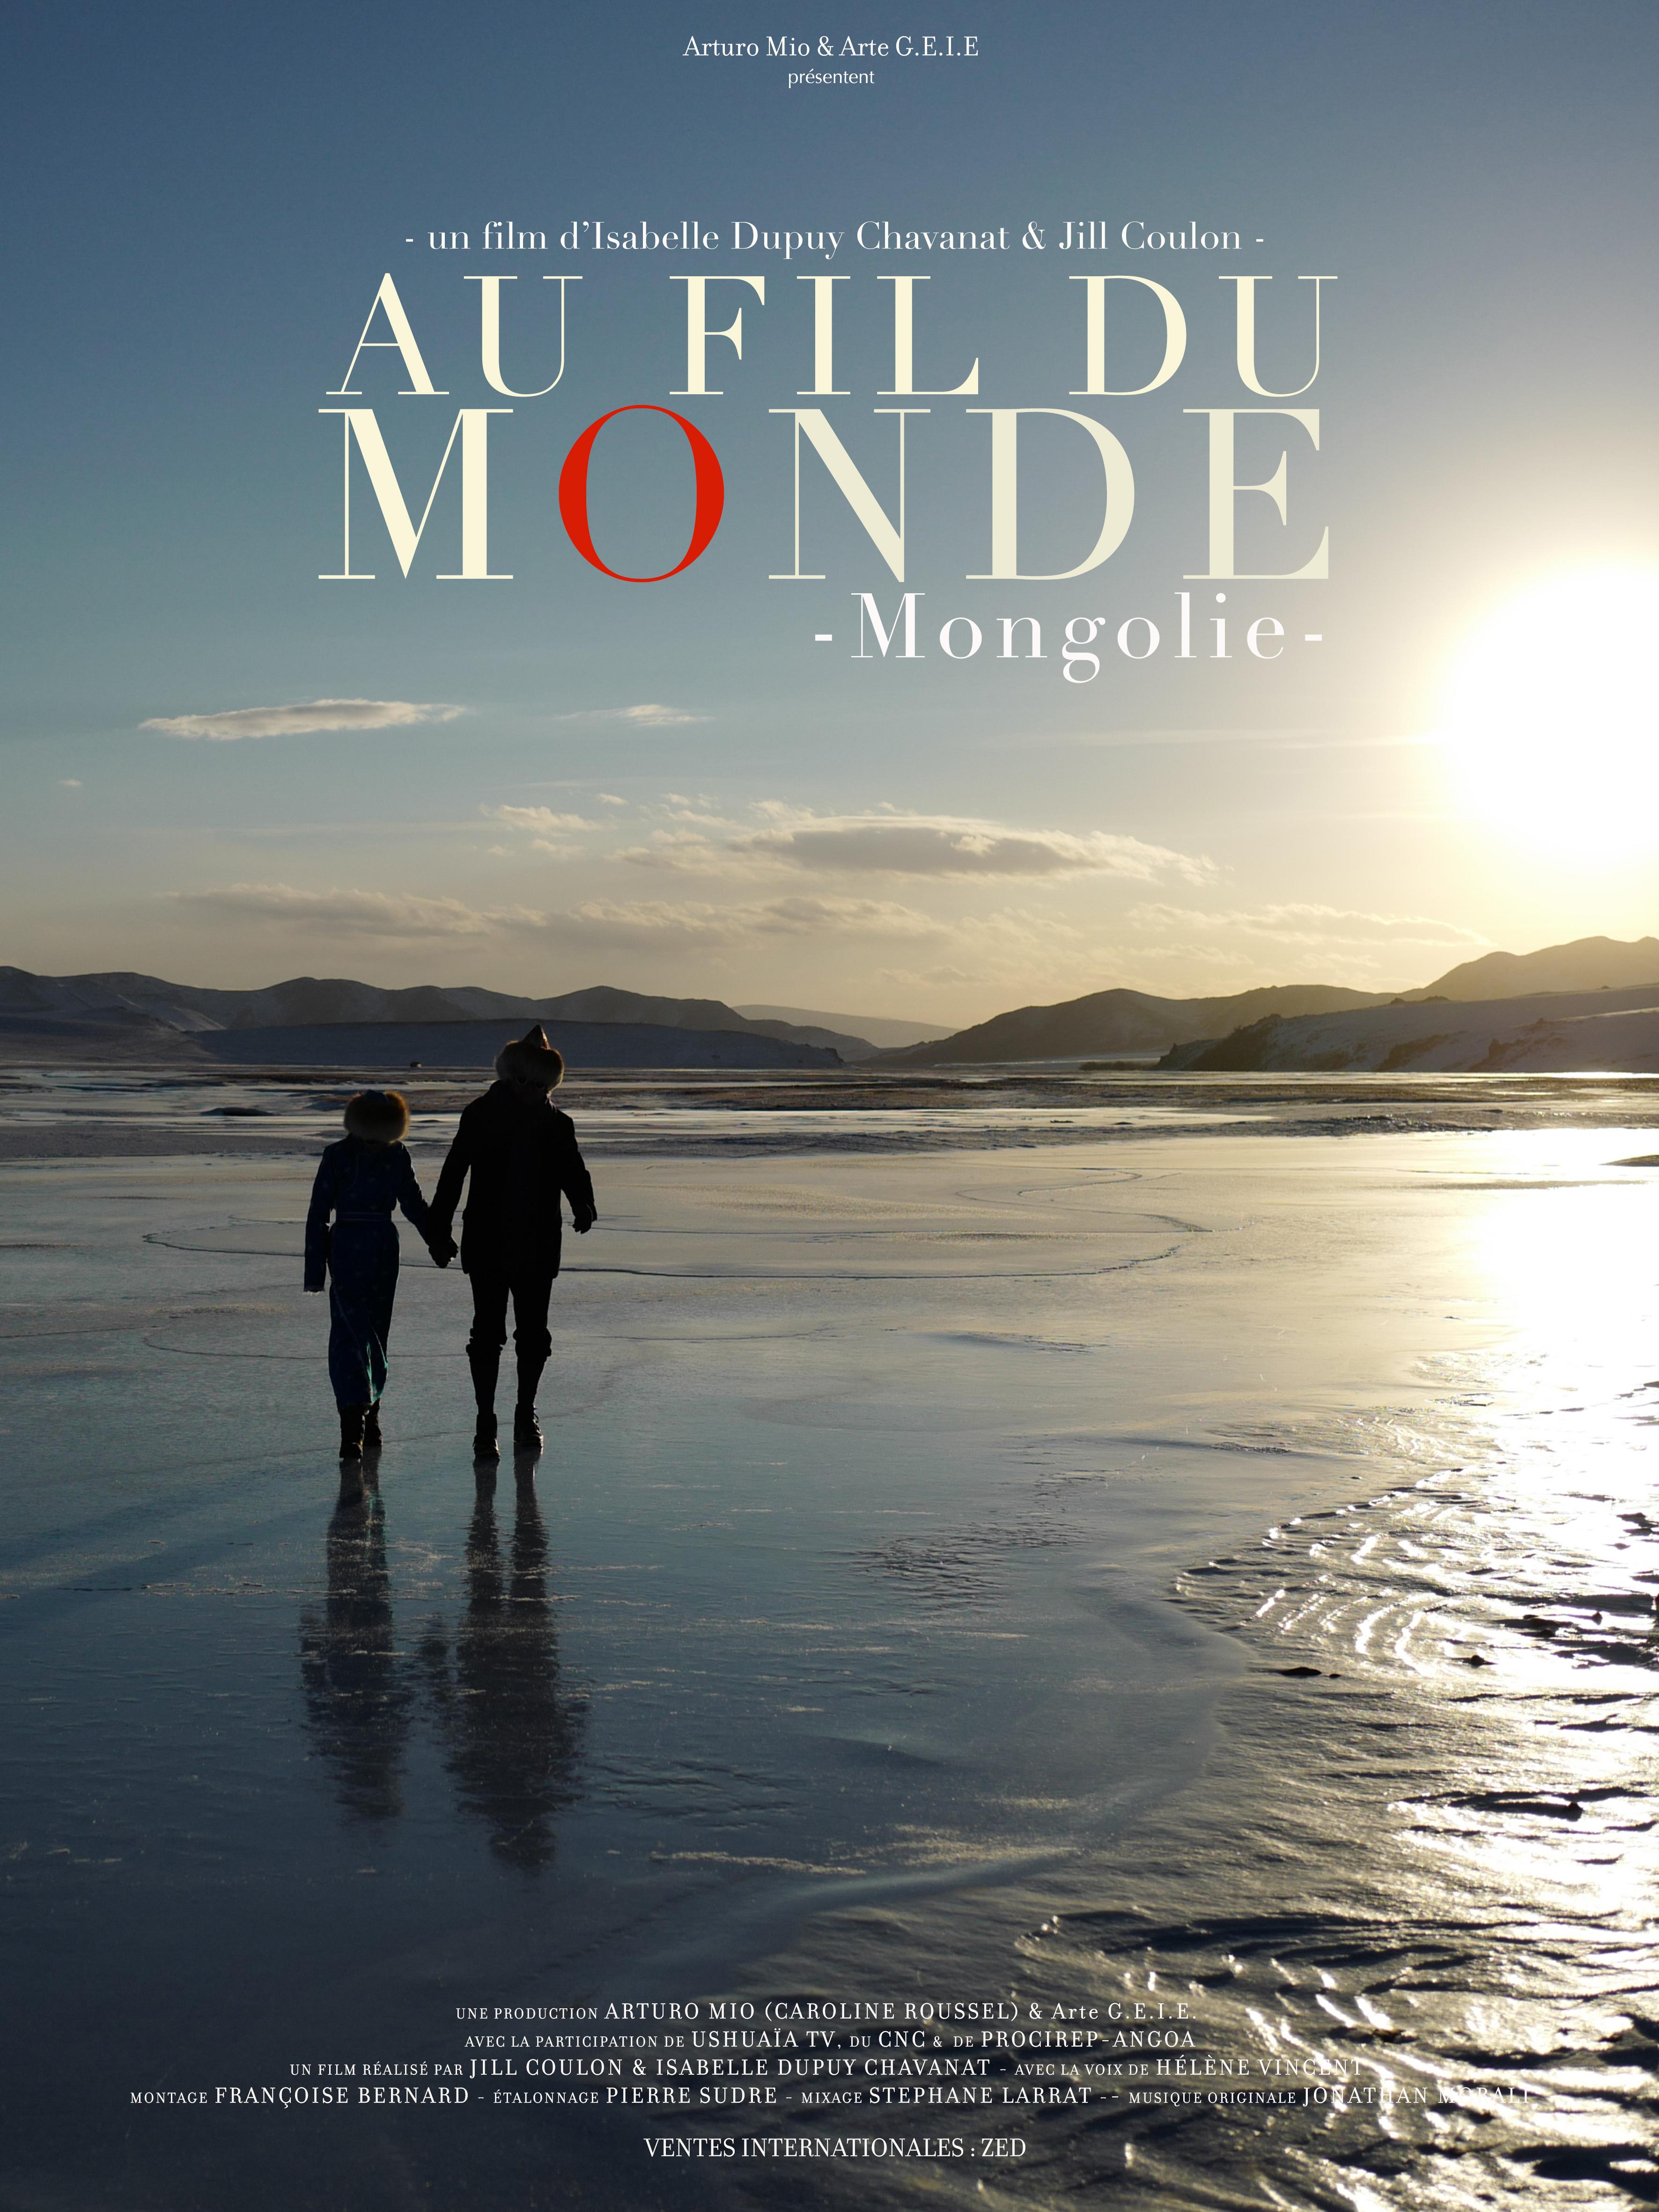 Au fil du monde Mongolie